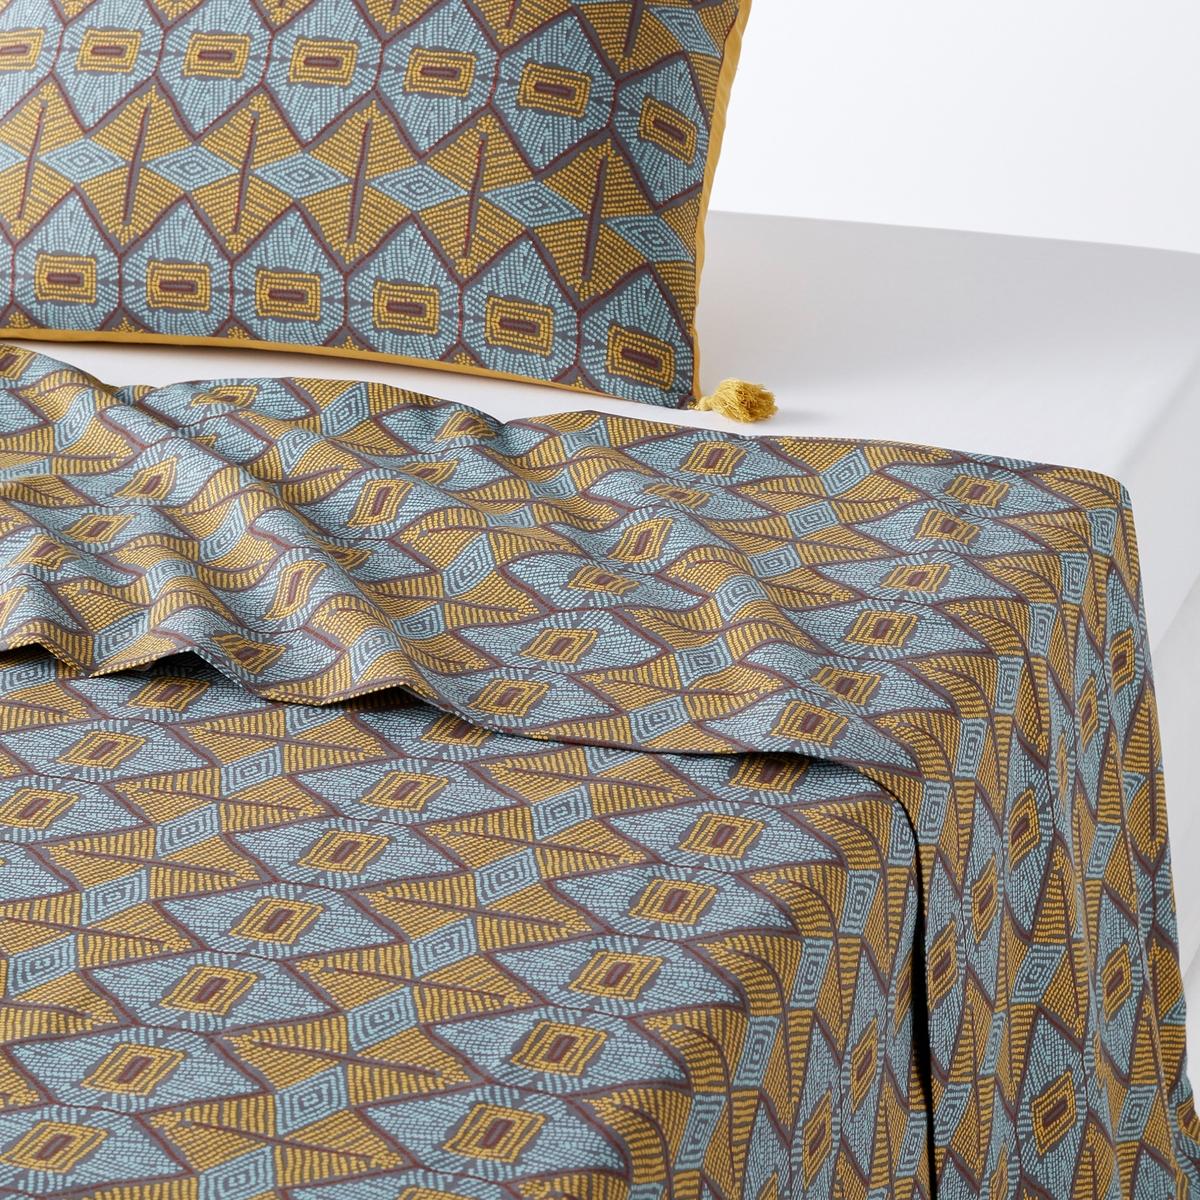 Простыня гладкая с рисунком KOUBANХарактеристики гладкой простыни Kouban :Гладкая простыня : Рисунок в этническом стиле охрового и серо-синего цвета. 100% хлопок (57 нитей/см2) : чем больше количество нитей/см2, тем выше качество ткани. Легкость ухода. Машинная стирка при 60 °С.Однотонную натяжную простыню соответствующей расцветки коллекции Sc?nario из хлопка и всю коллекцию постельного белья Kouban вы можете найти на сайте laredoute.ruЗнак Oeko-Tex® гарантирует, что товары прошли проверку и были изготовлены без применения вредных для здоровья человека веществ. Размеры :180  x 290 см : 1-сп.240 х 290 см : 2-сп.270 x 290 см : 2-сп.<br><br>Цвет: набивной рисунок